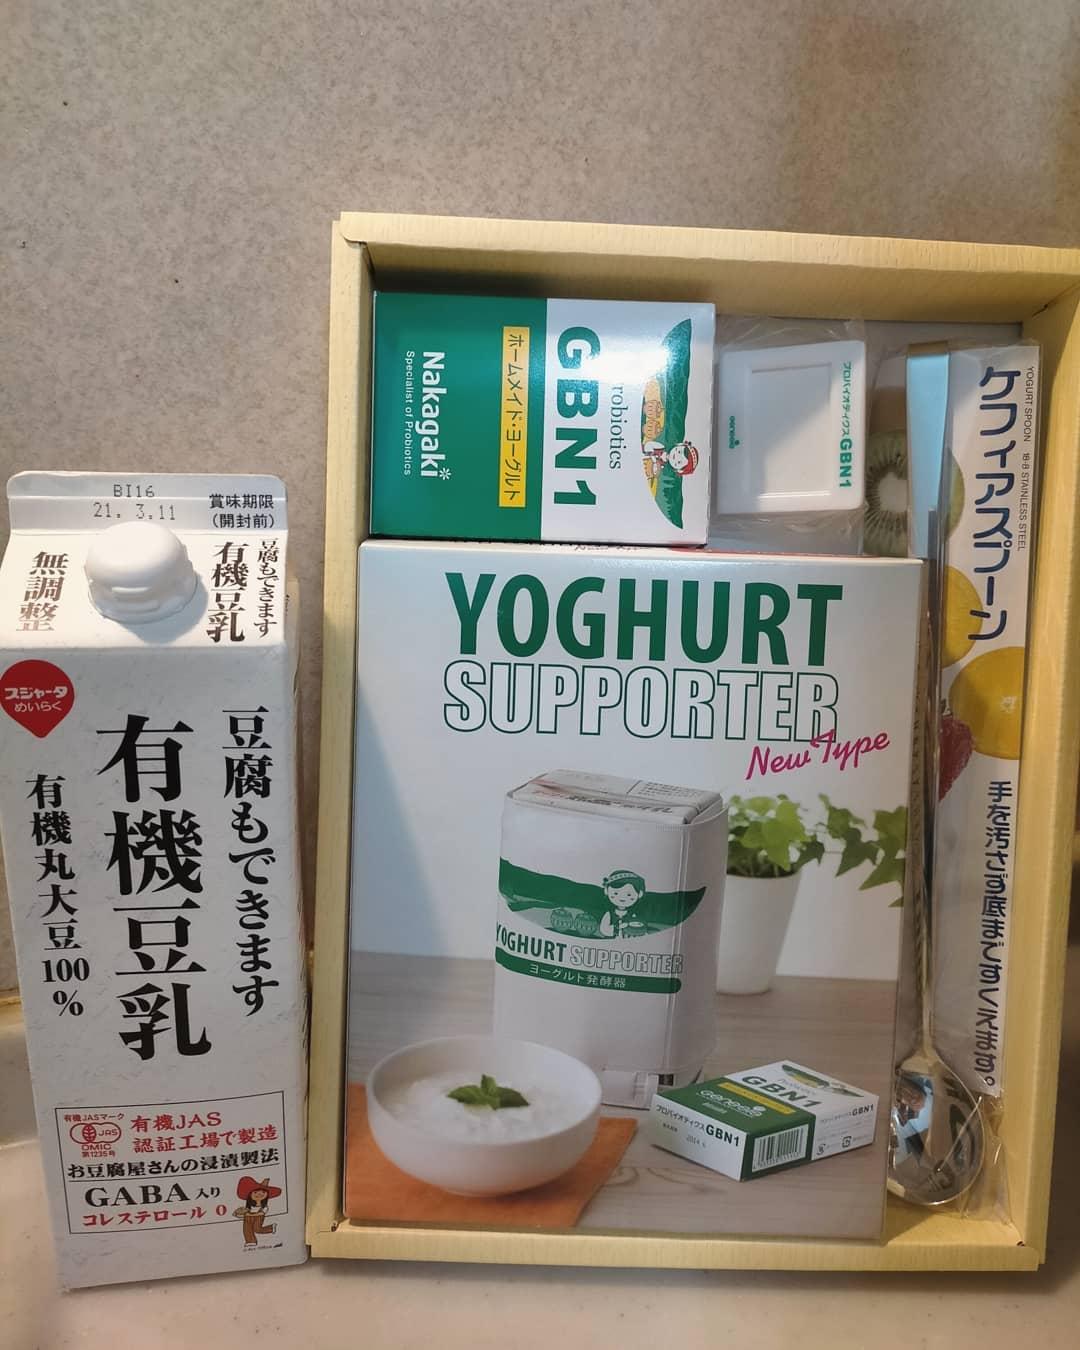 口コミ投稿:🥣Homemade soy yogurt🥣ヨーグルトキットで豆乳ヨーグルトを作ってみました!前にネッ…